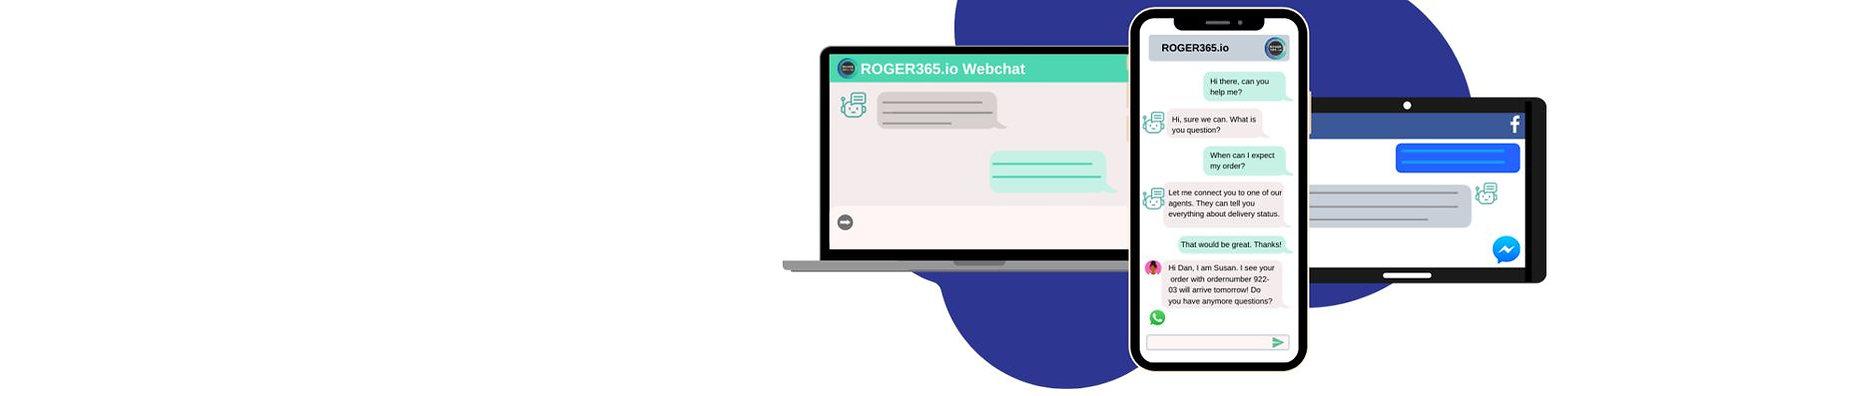 WebChatRoger365.jpg